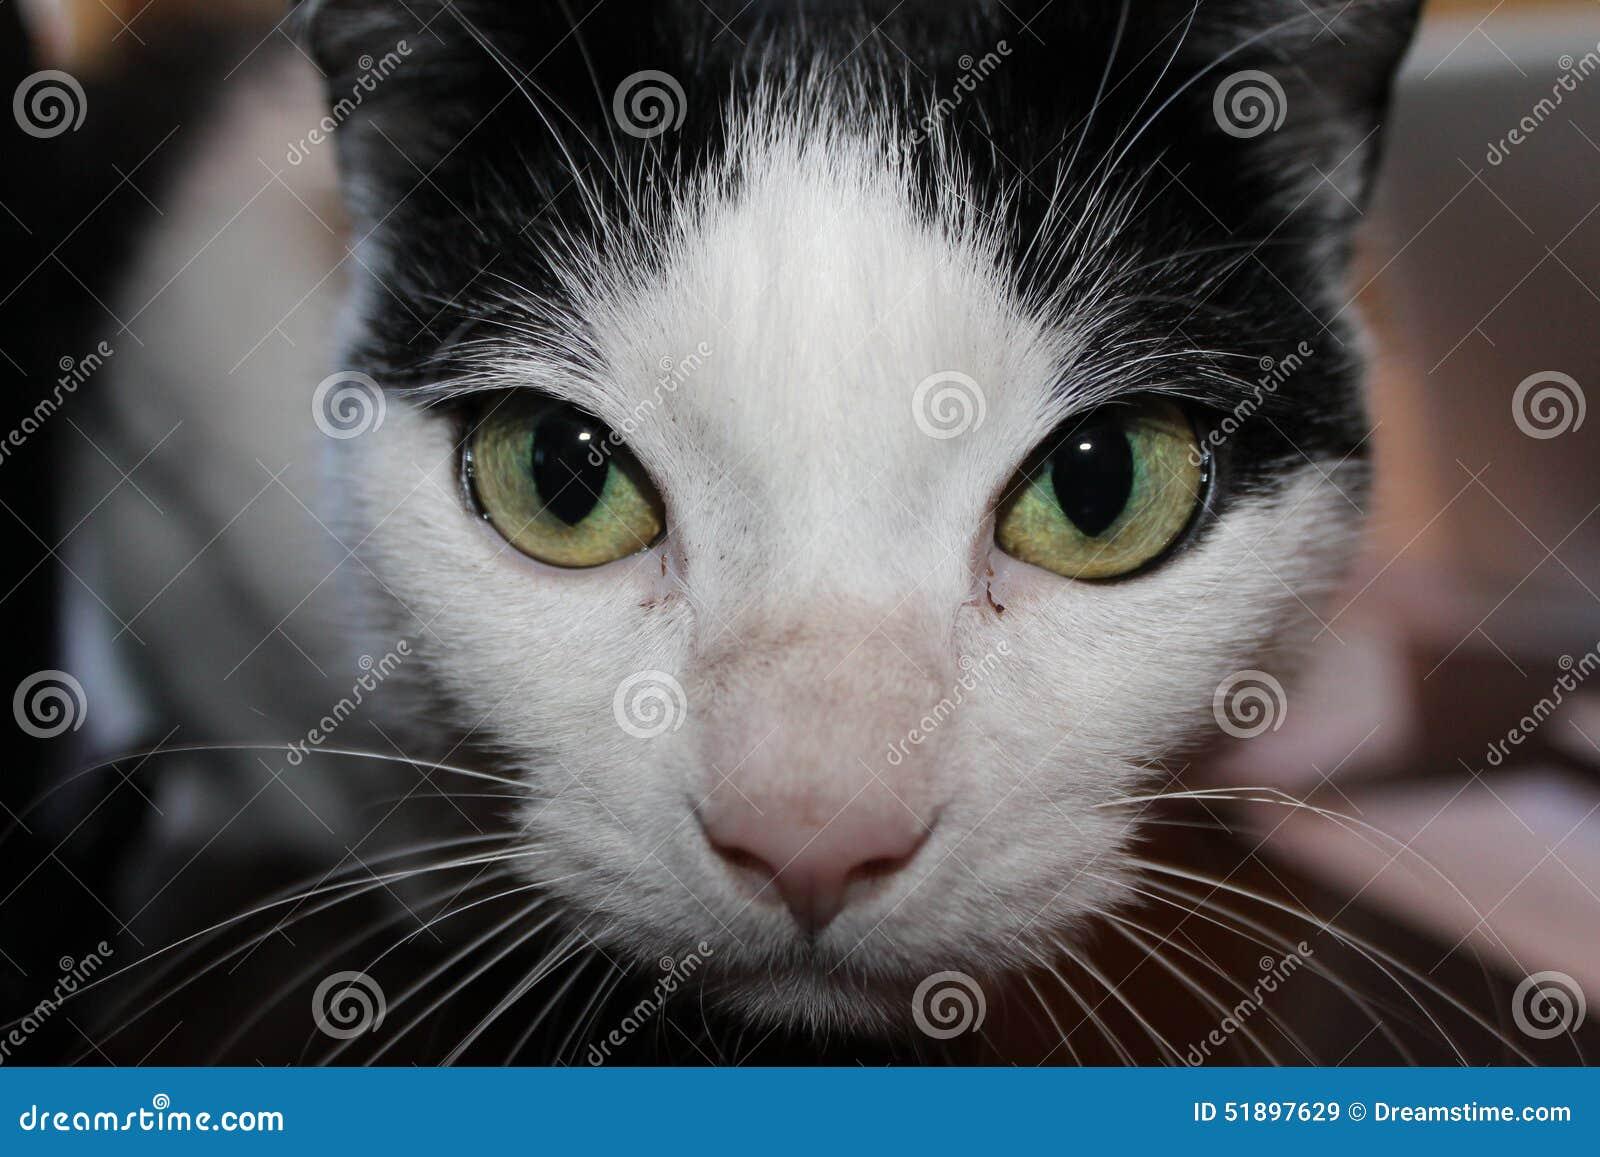 Gato De Ojos Verdes Blanco Y Negro Imagen De Archivo Imagen De